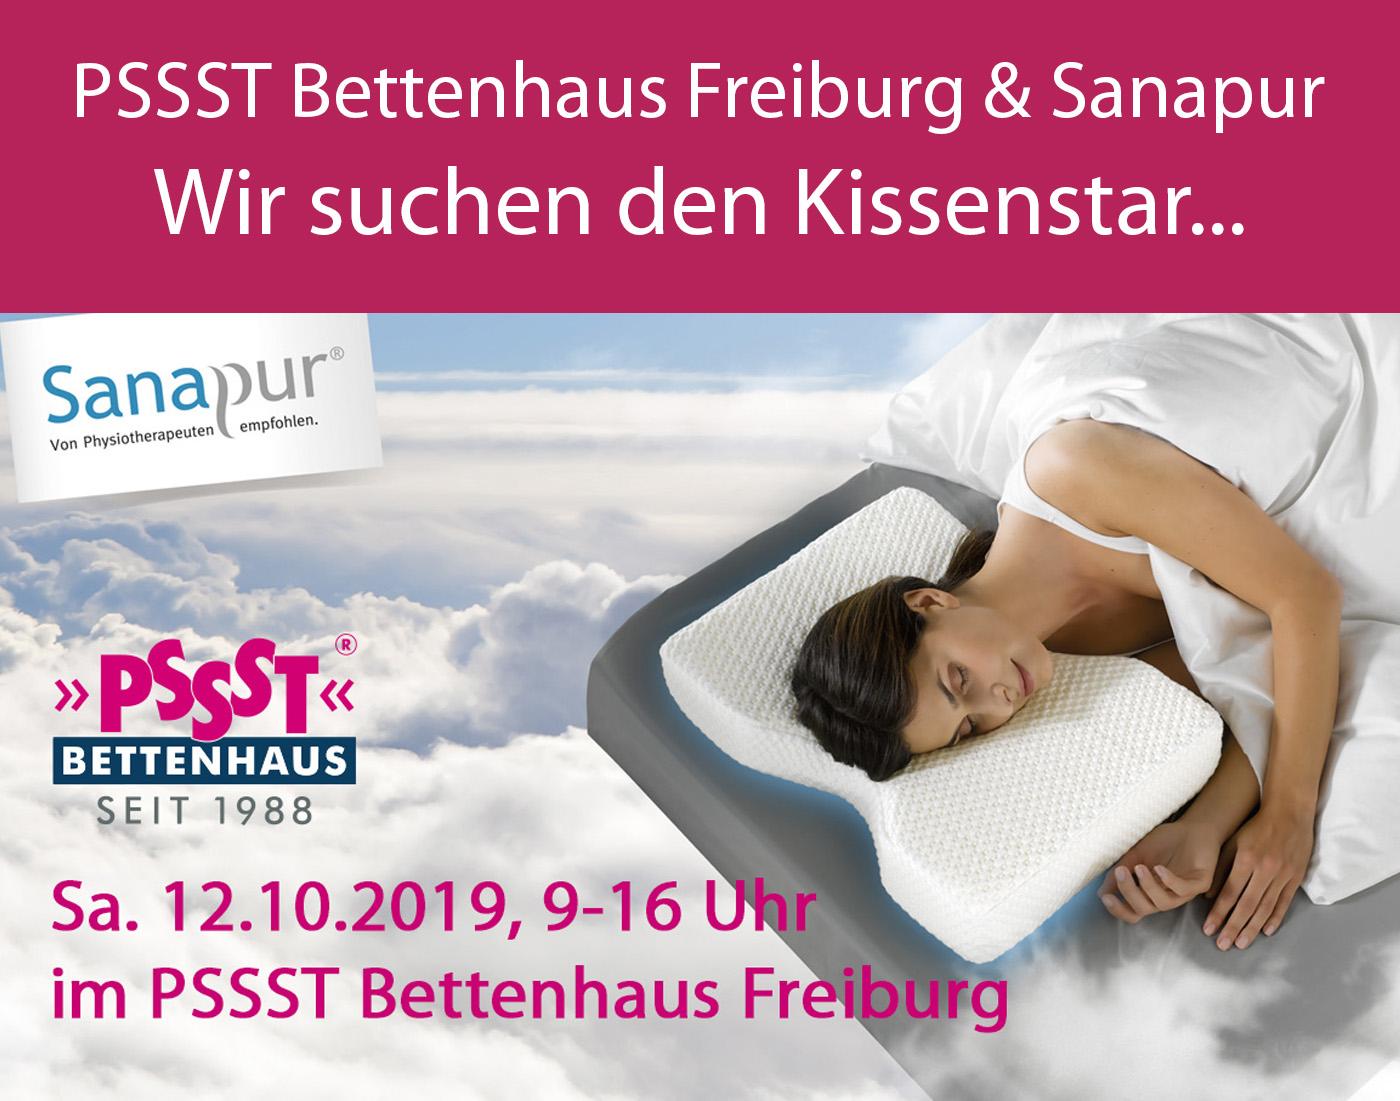 Wir suchen den Kissenstar - PSSST Bettenhaus Freiburg und Sanapur